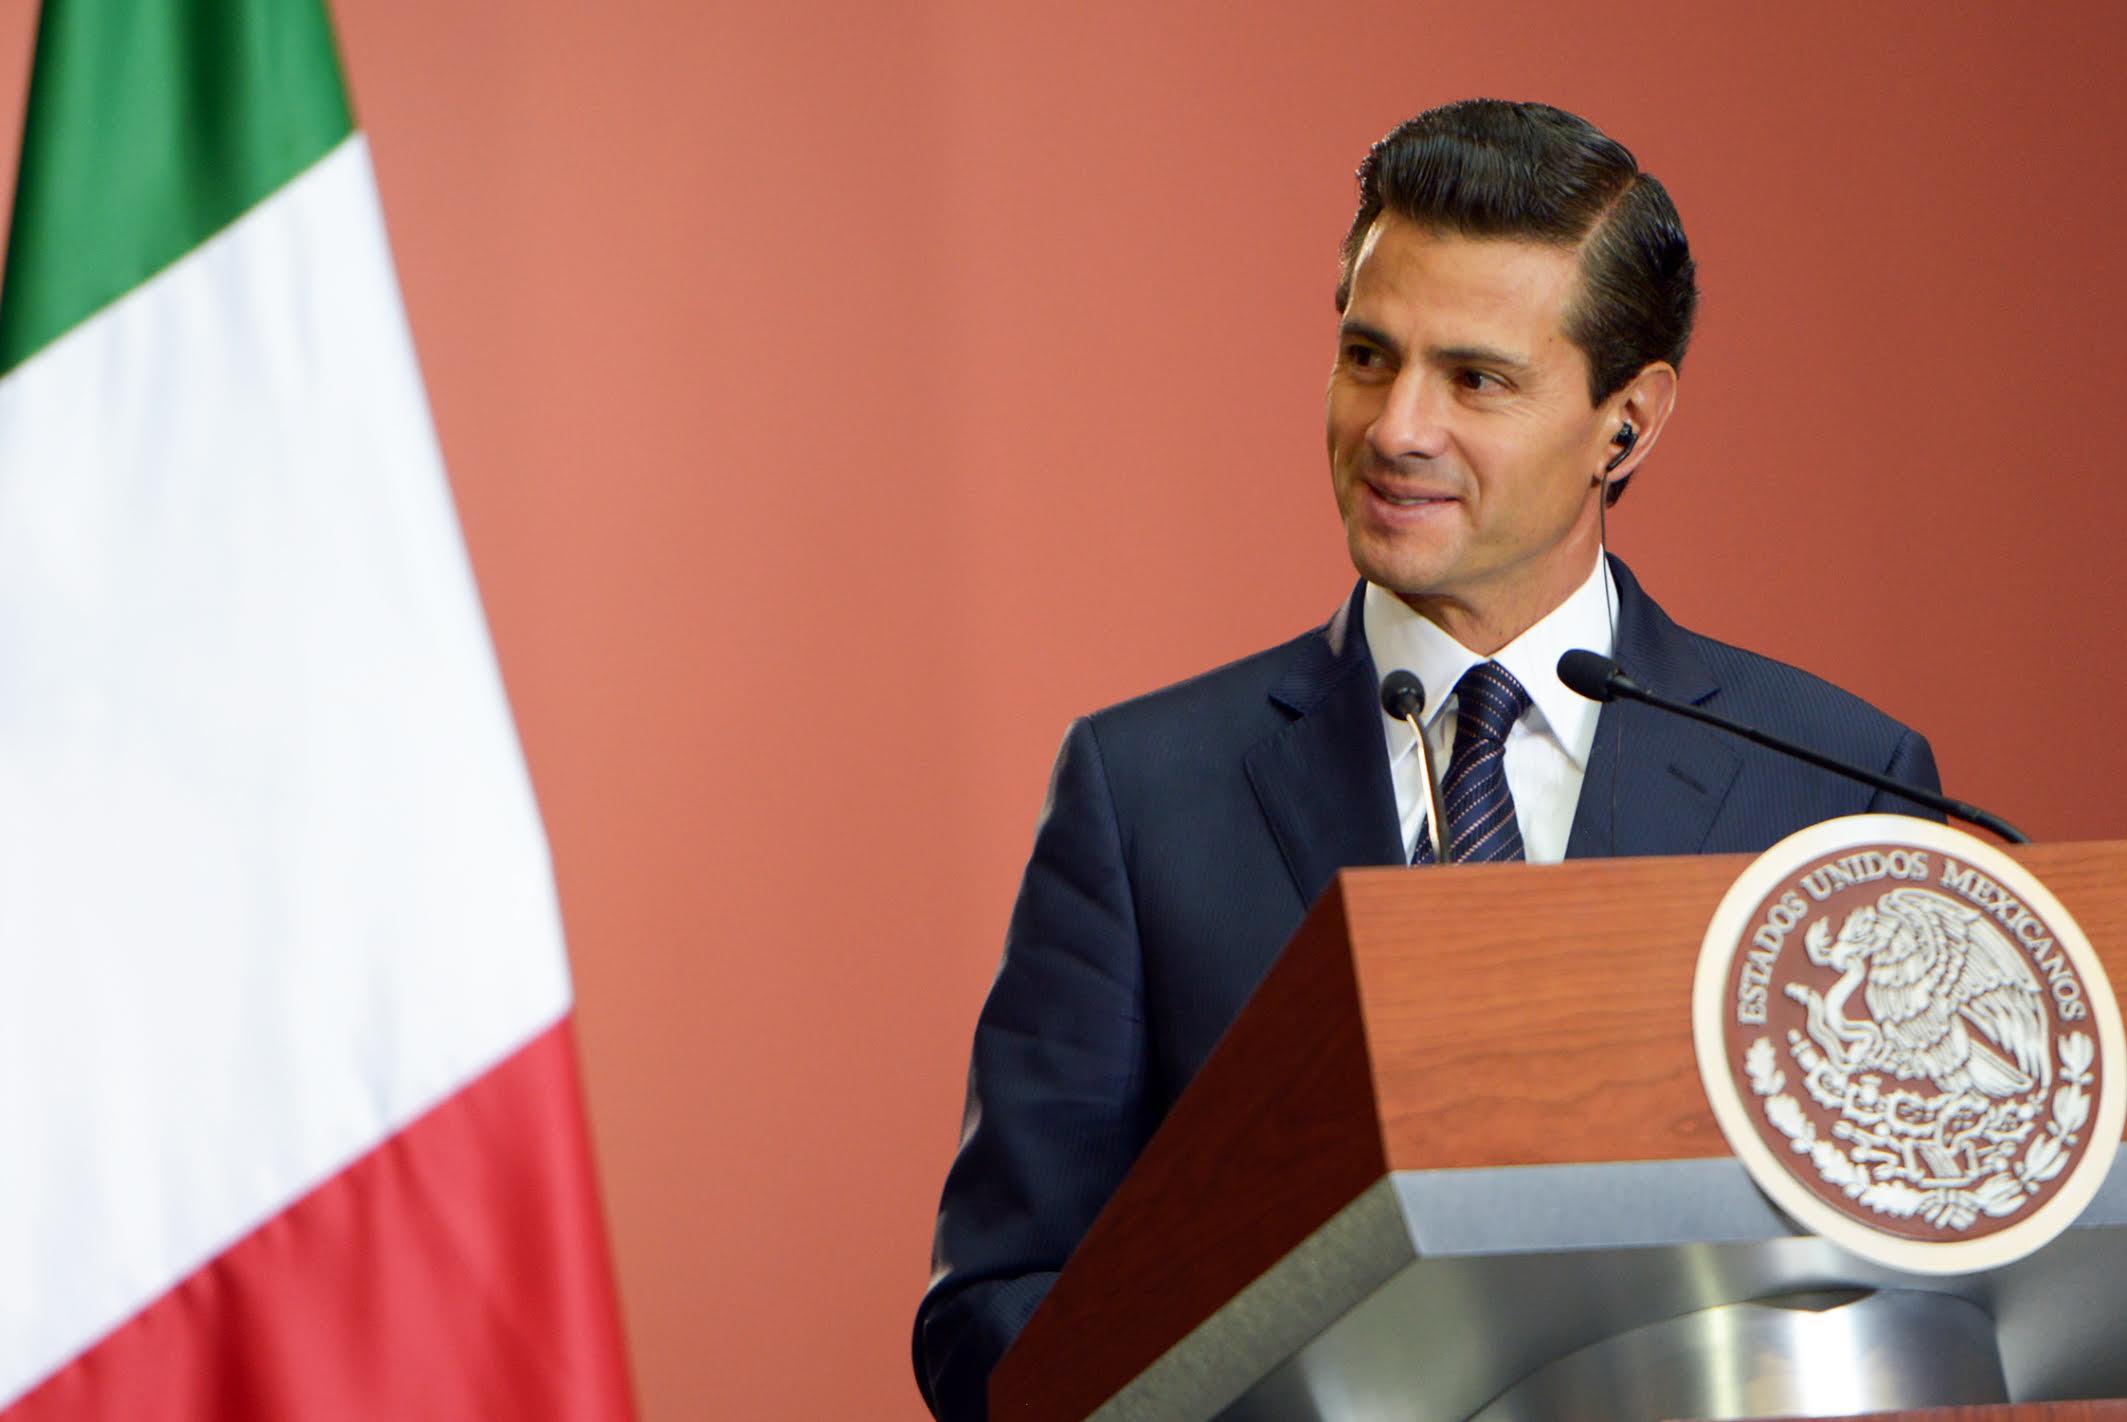 El Primer Mandatario anunció que a partir del próximo mes de junio se restablecerá el vuelo directo entre Italia y México, a través de la línea aérea Alitalia.